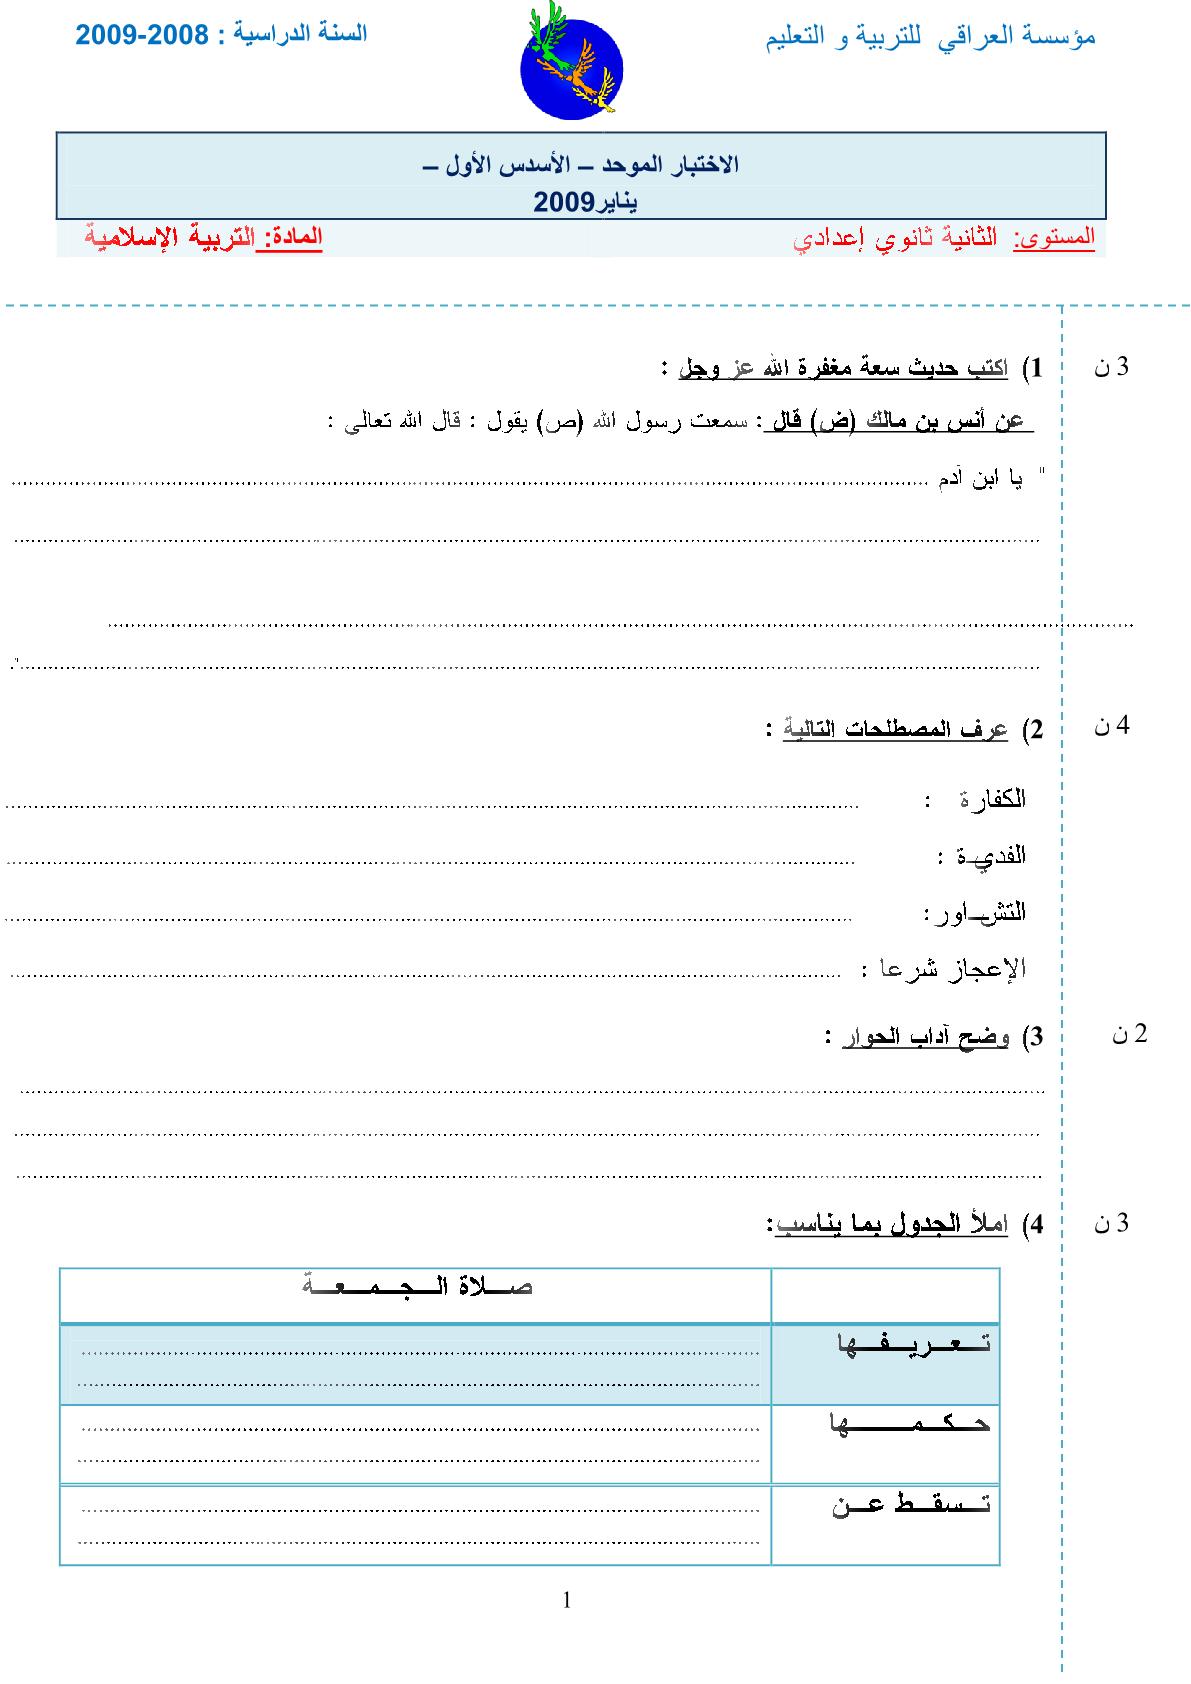 الفرض المحروس رقم 1 في مادة التربية الإسلامية للسنة الثانية إعدادي الدورة الأولى